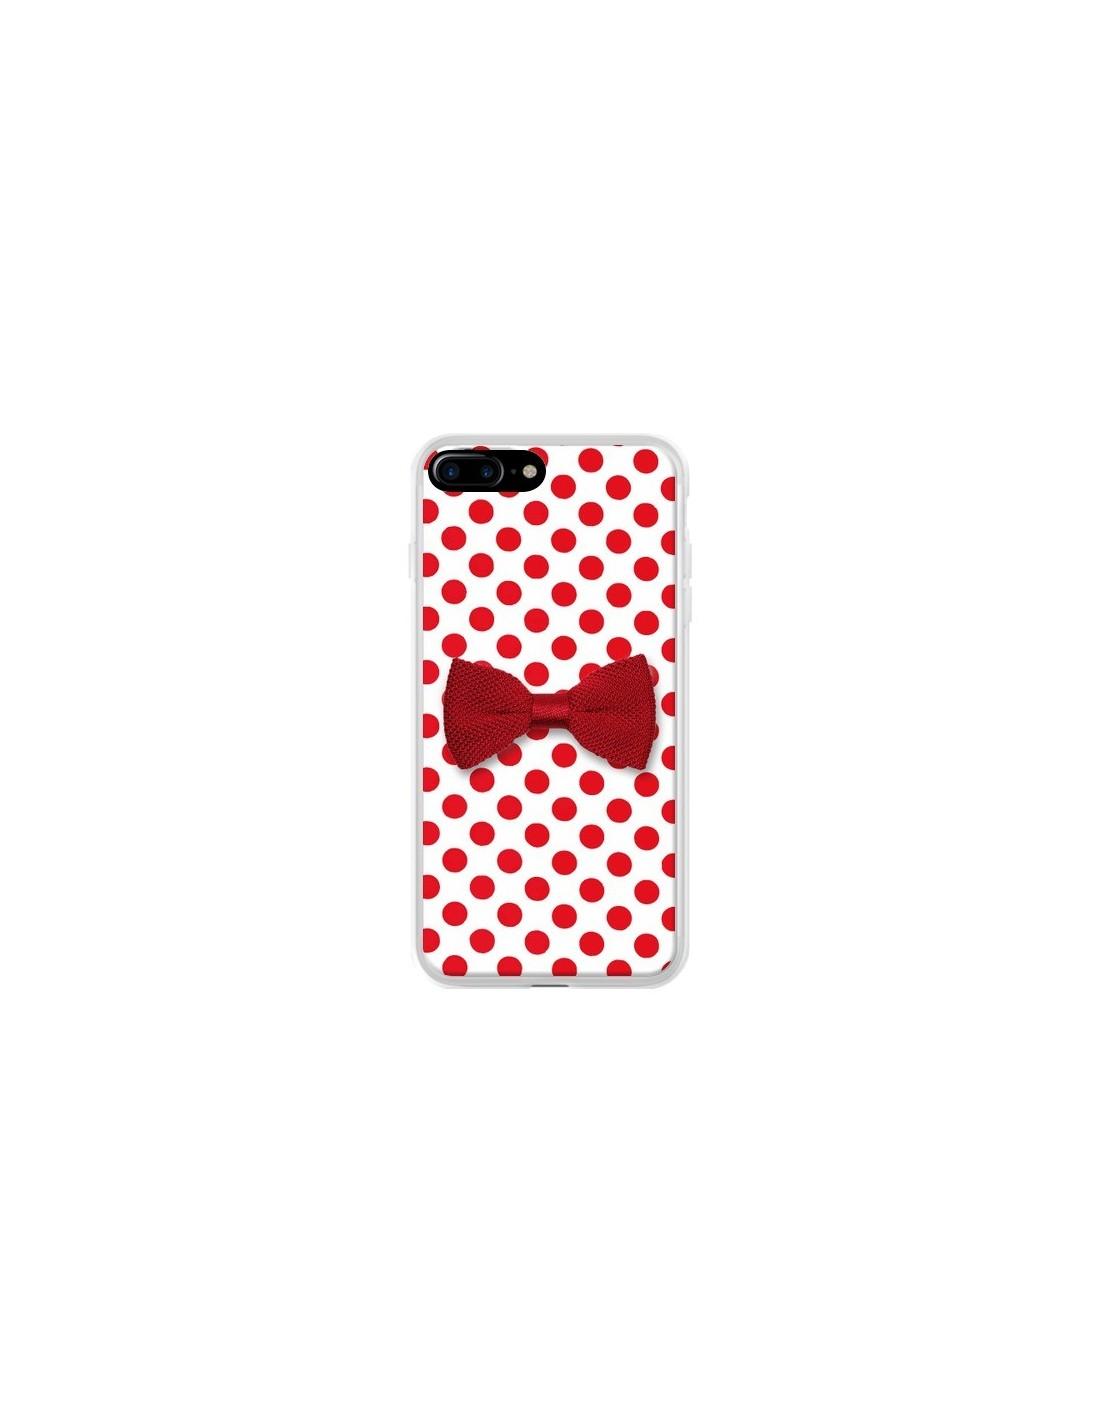 coque noeud papillon rouge girly bow tie pour iphone 7 plus et 8 plus laetitia. Black Bedroom Furniture Sets. Home Design Ideas